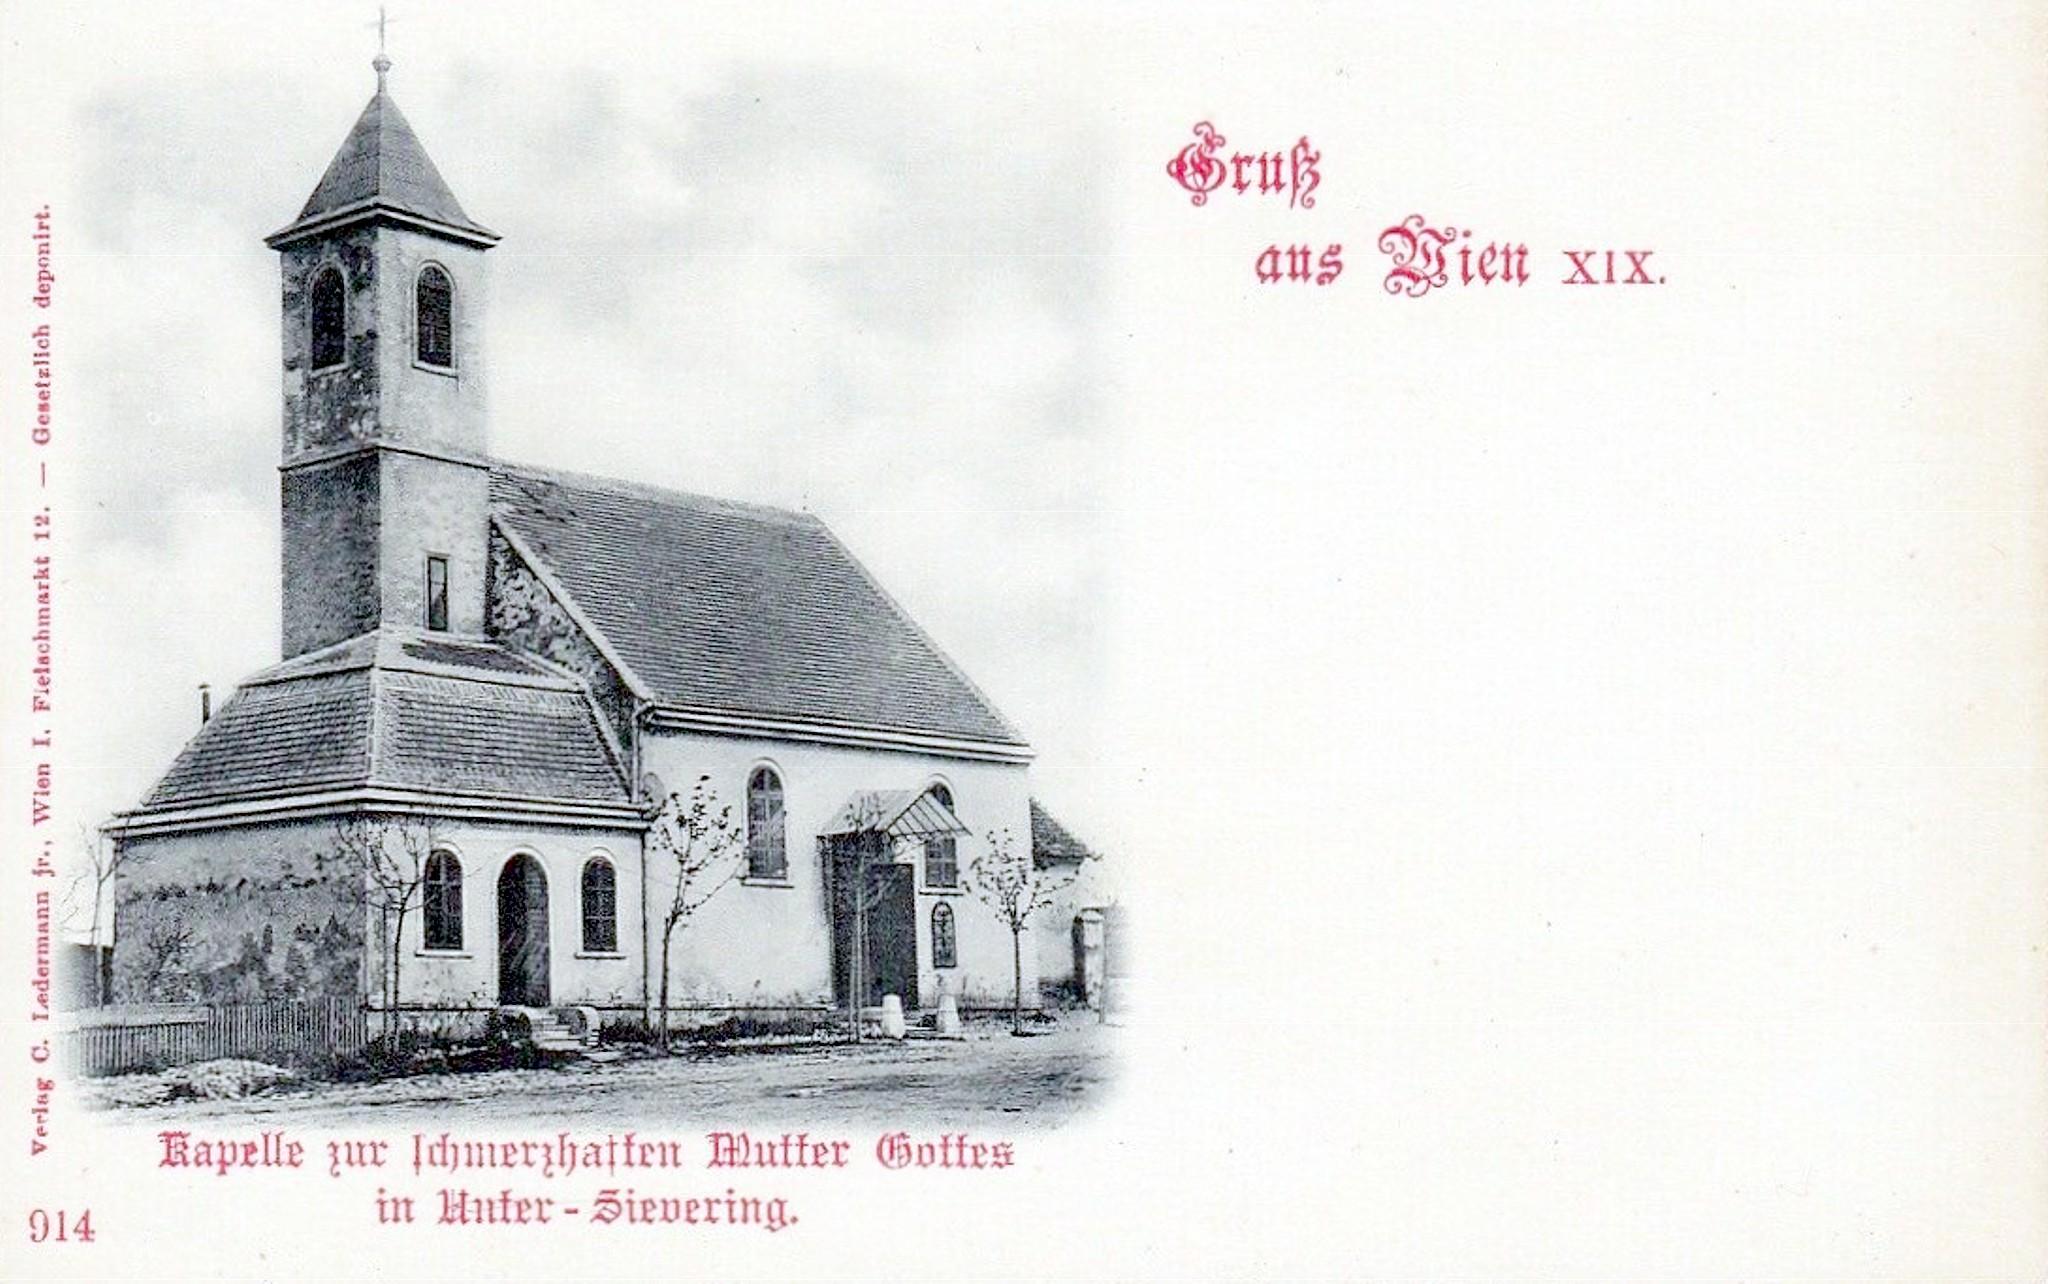 Wien 1898, Unter-Sievering